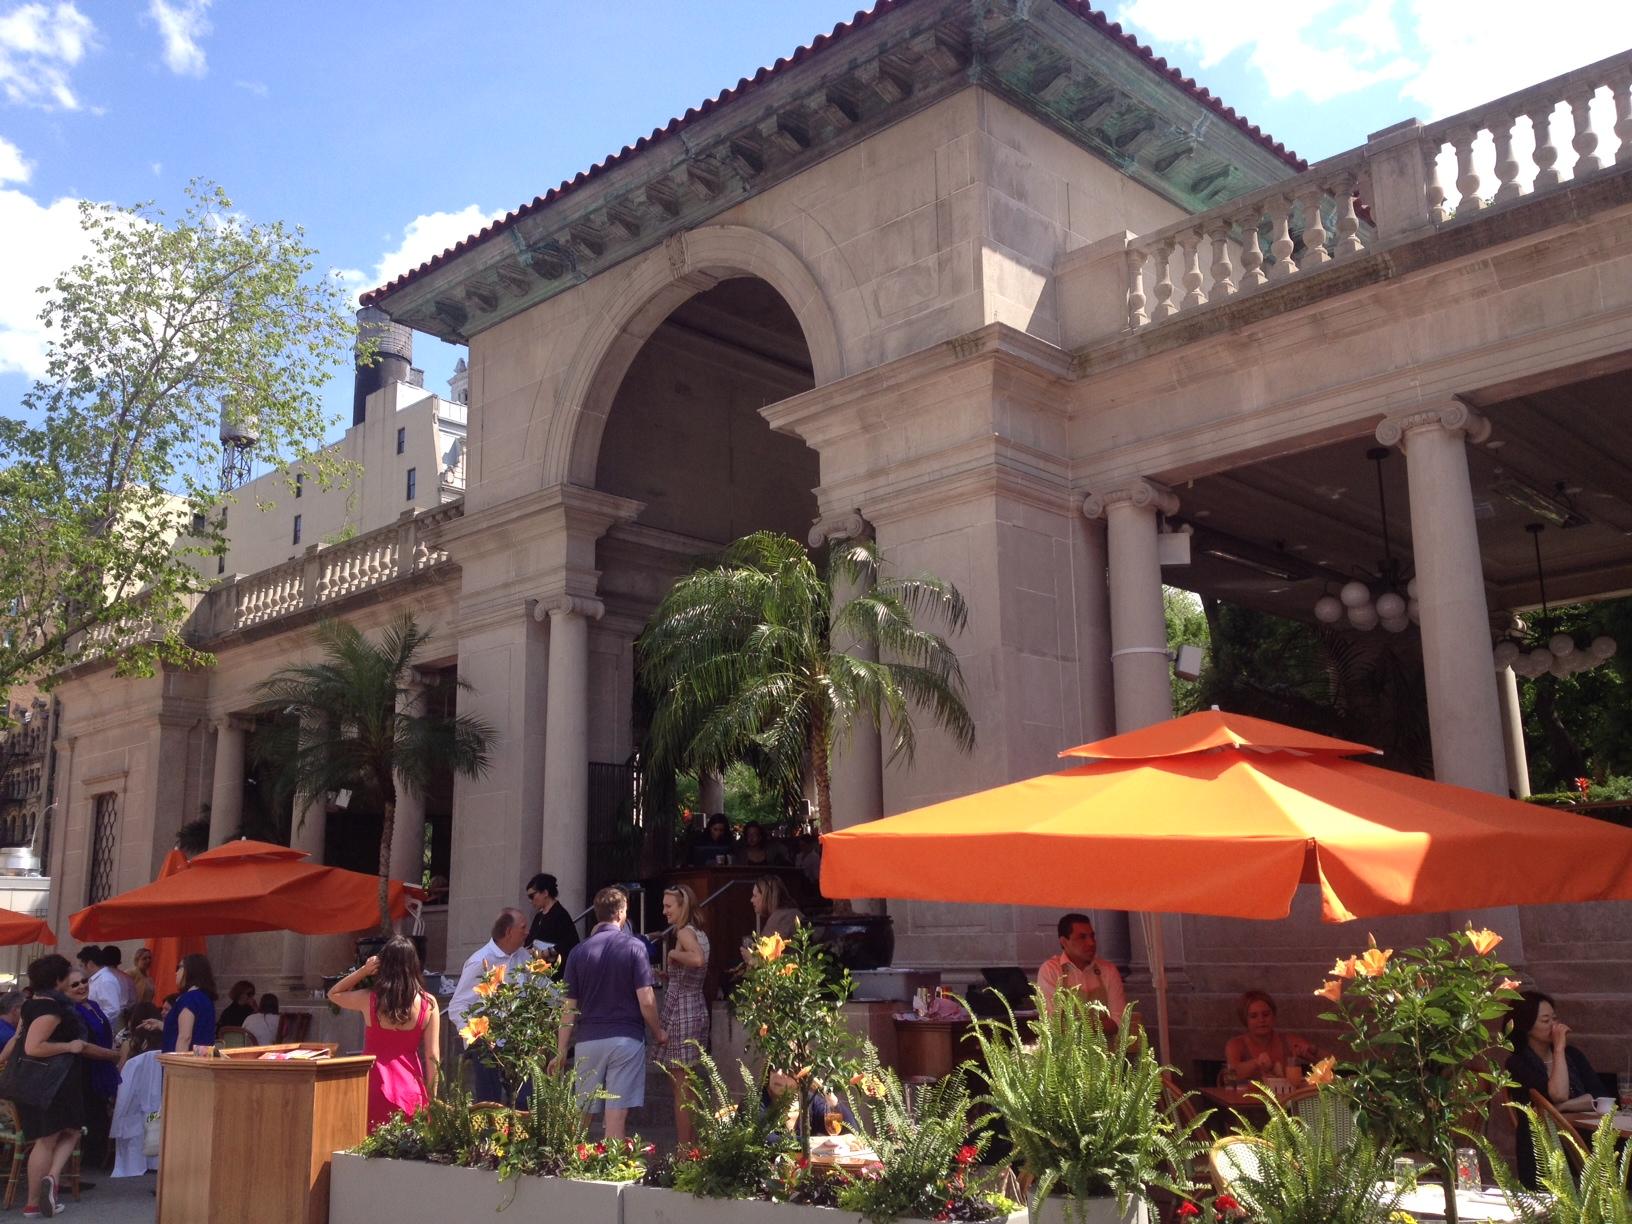 The Pavilion!